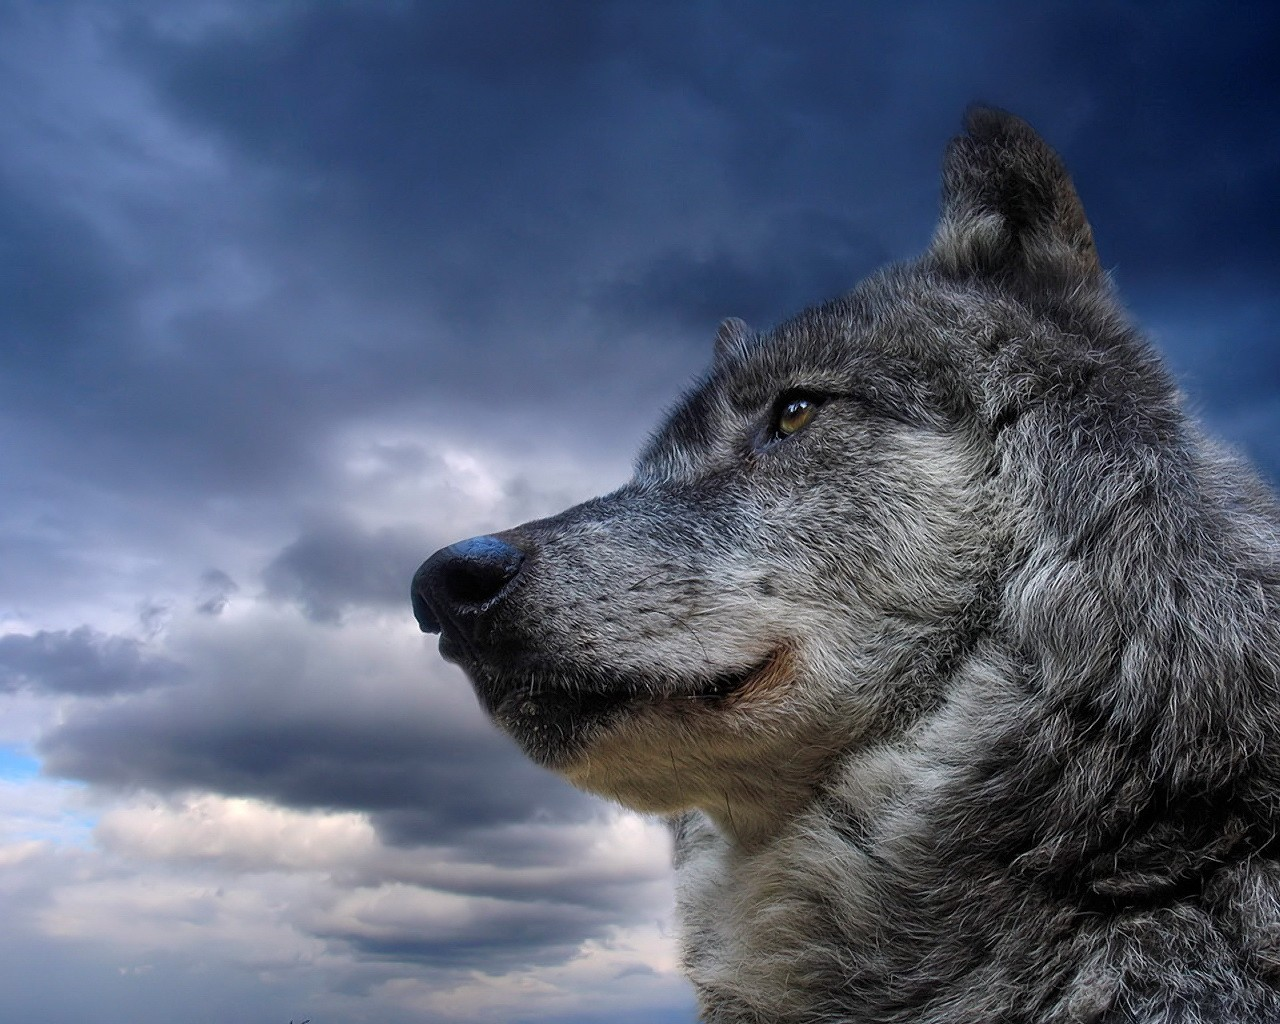 Картинка волков с надписью